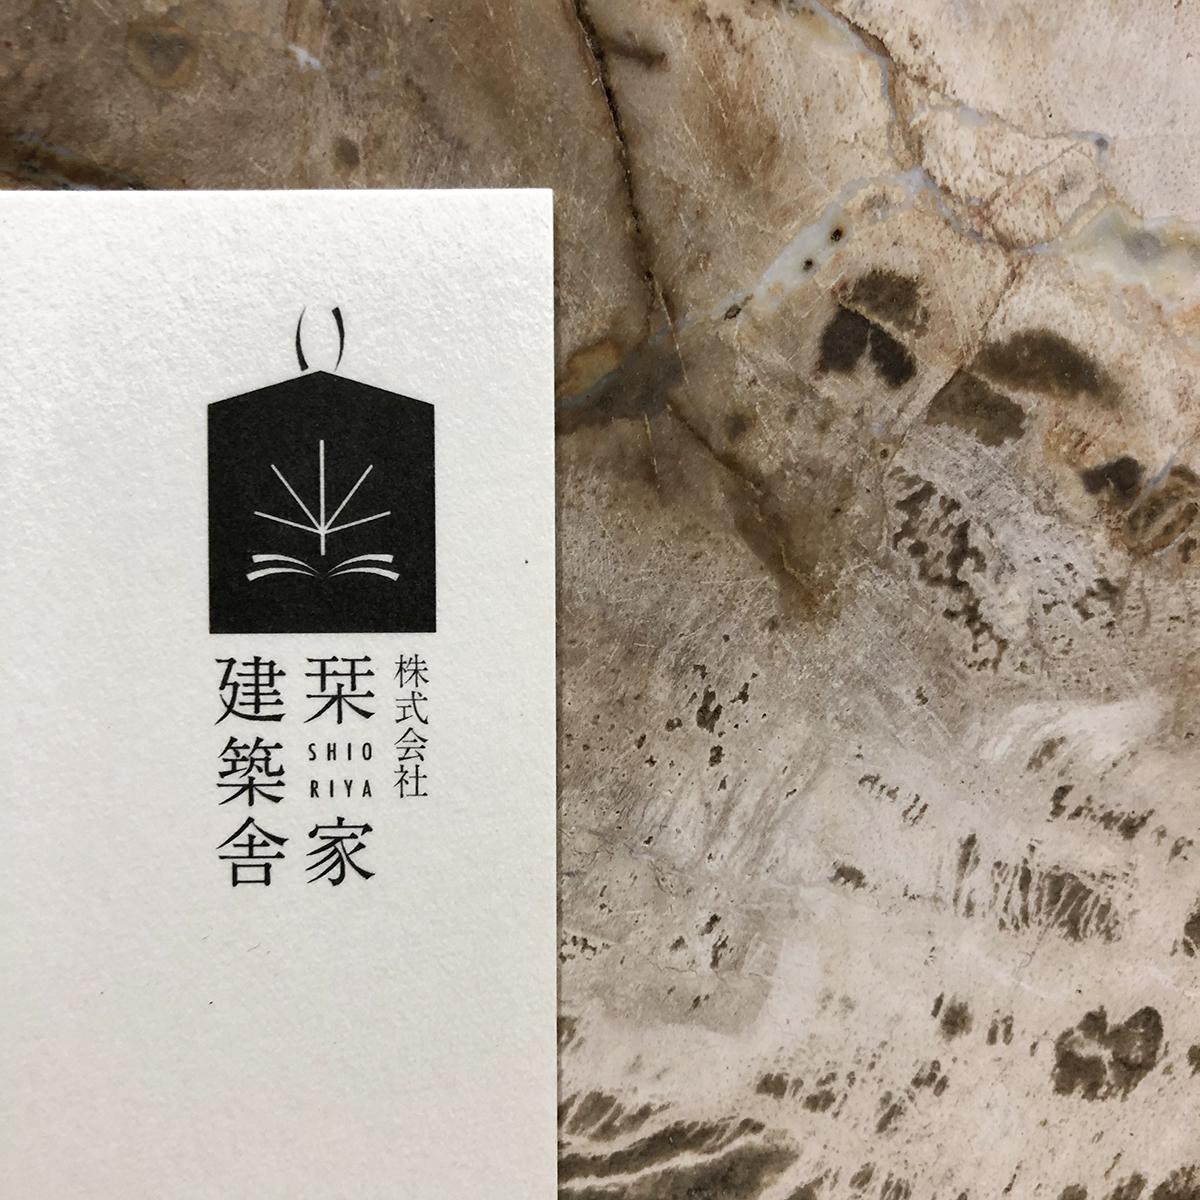 栞家建築舎 LOGODESIGN / 株式会社栞家建築舎